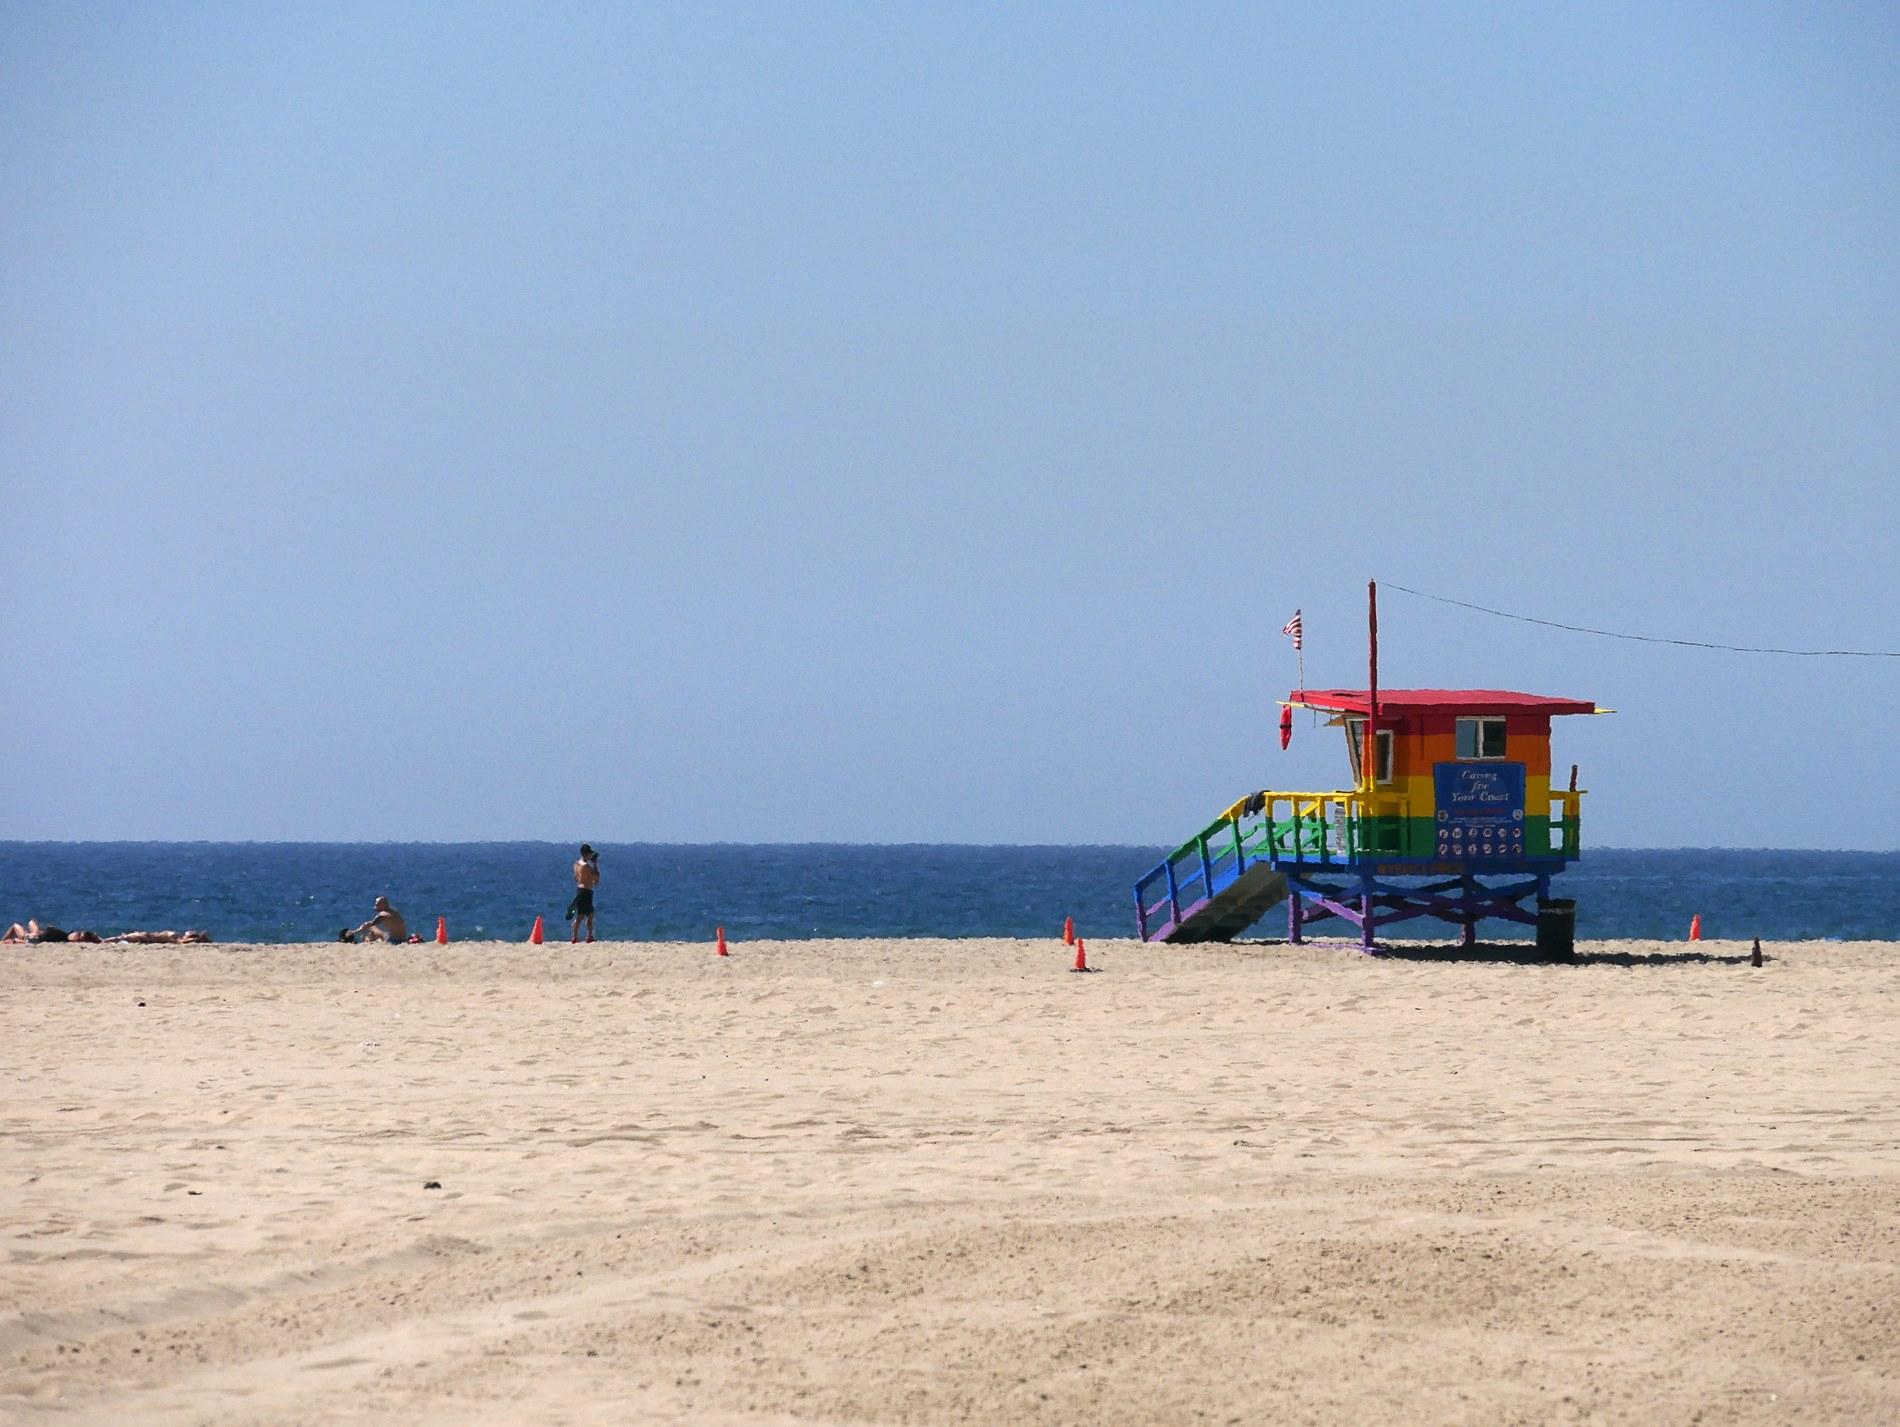 venice beach 2017- juliesliberties